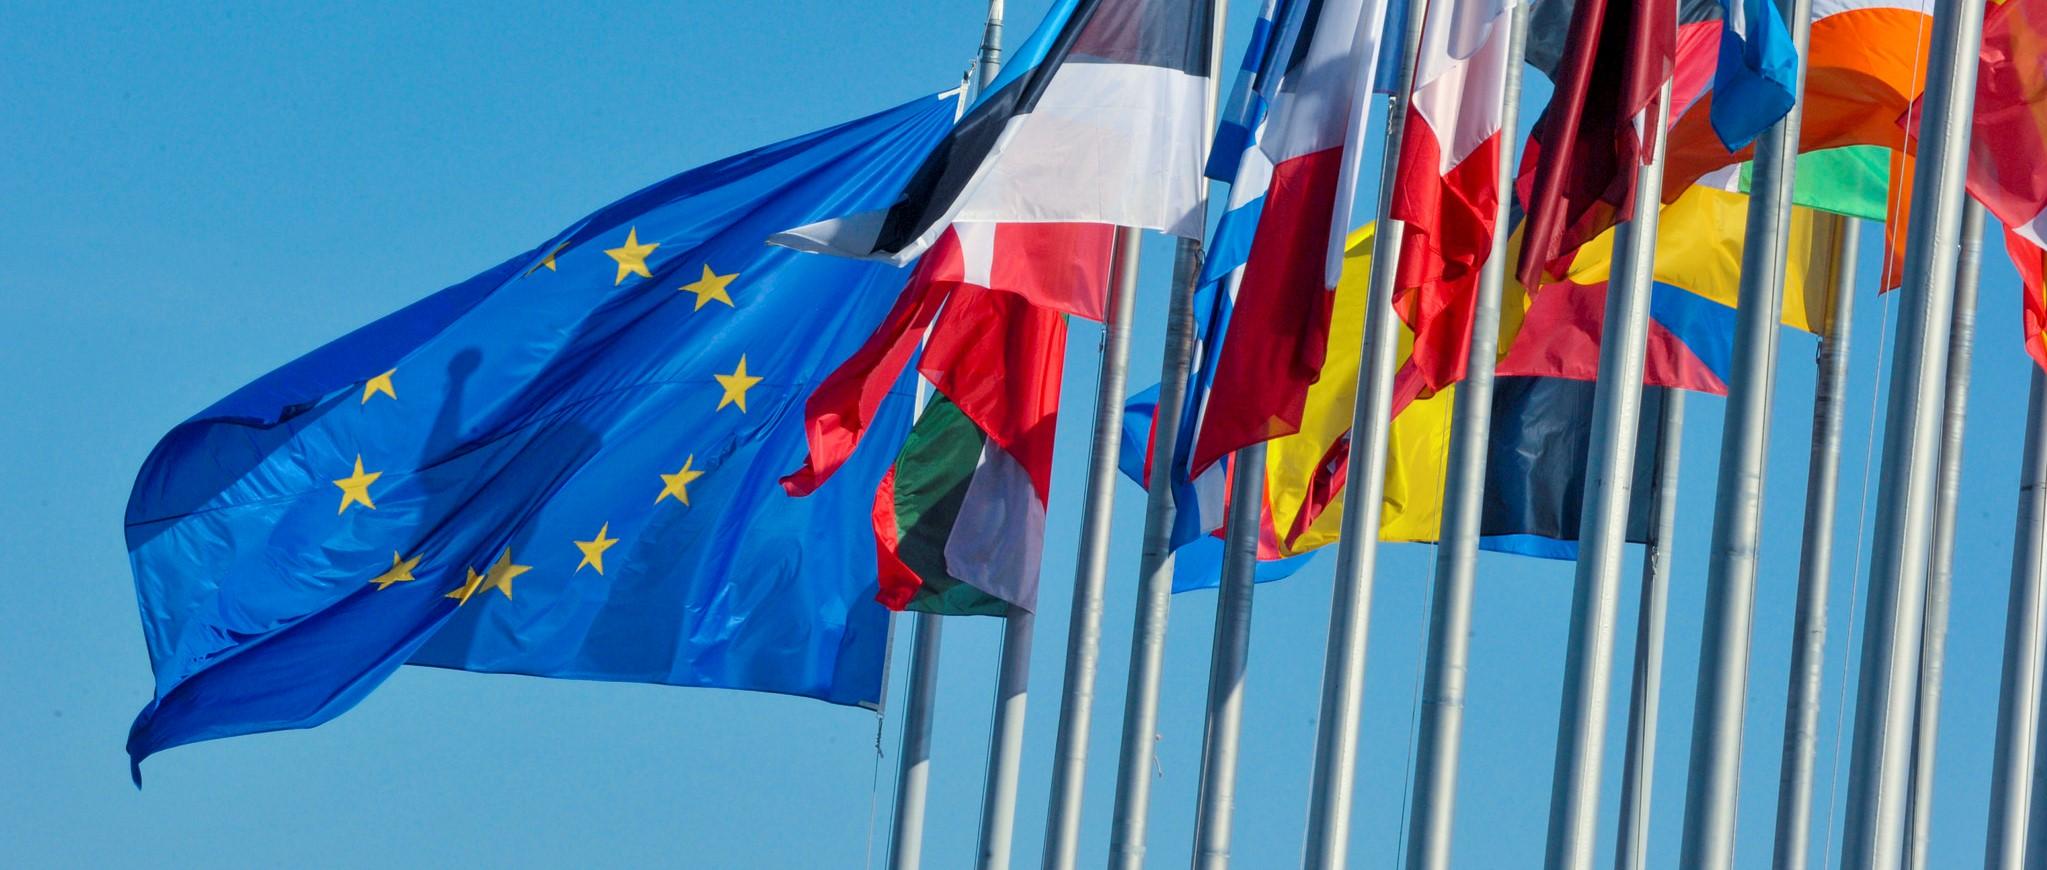 EU flags Еврокомиссия Еврокомиссия